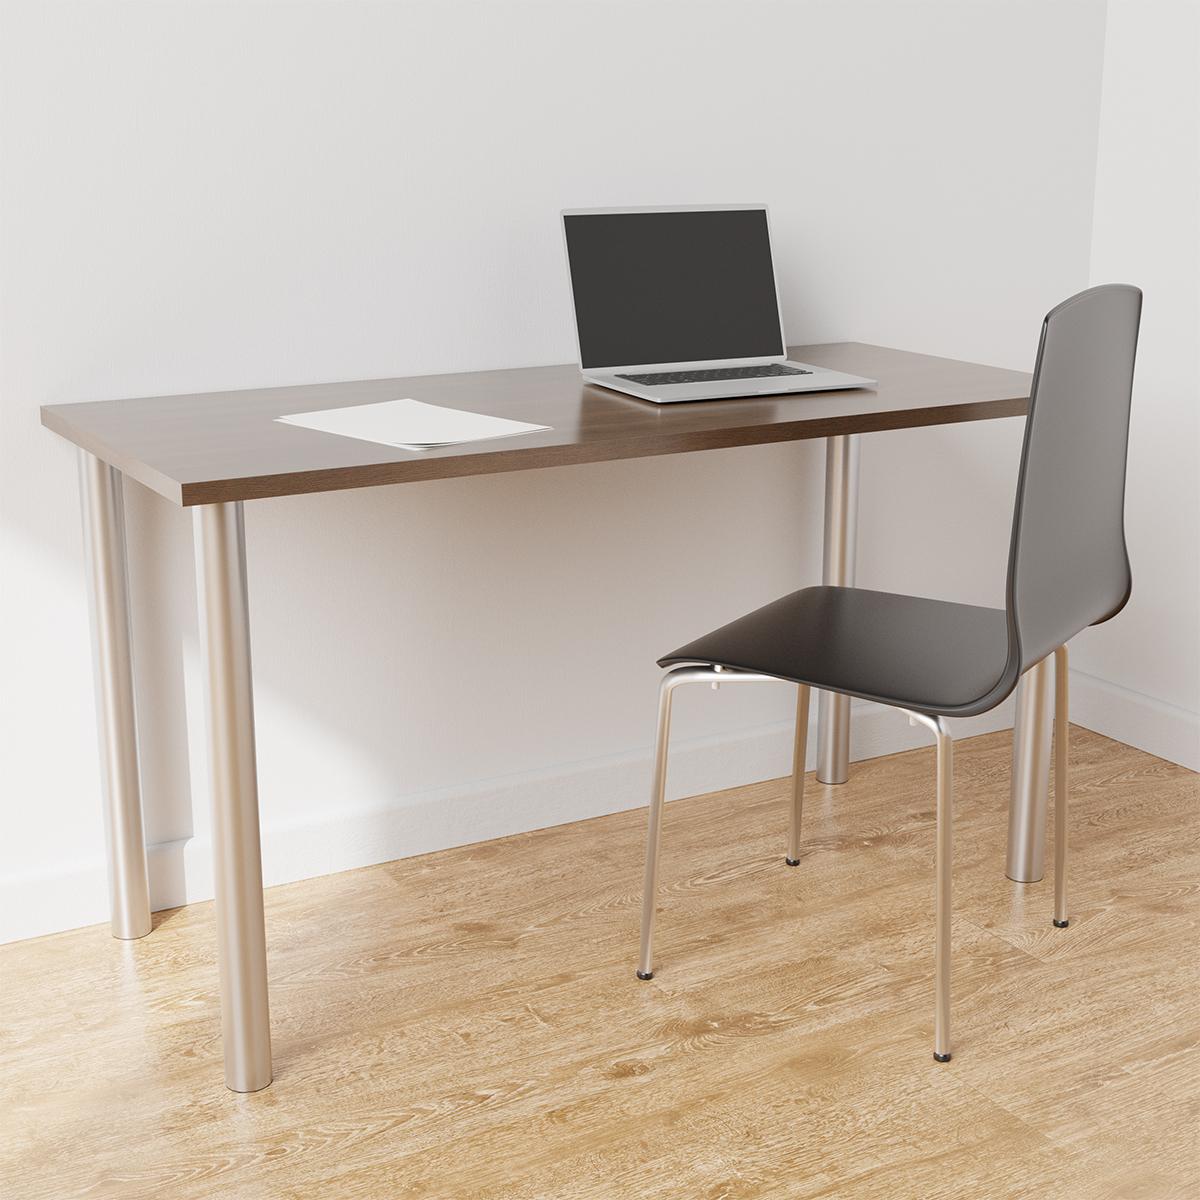 Platinum & Driftwood Elfa Desk